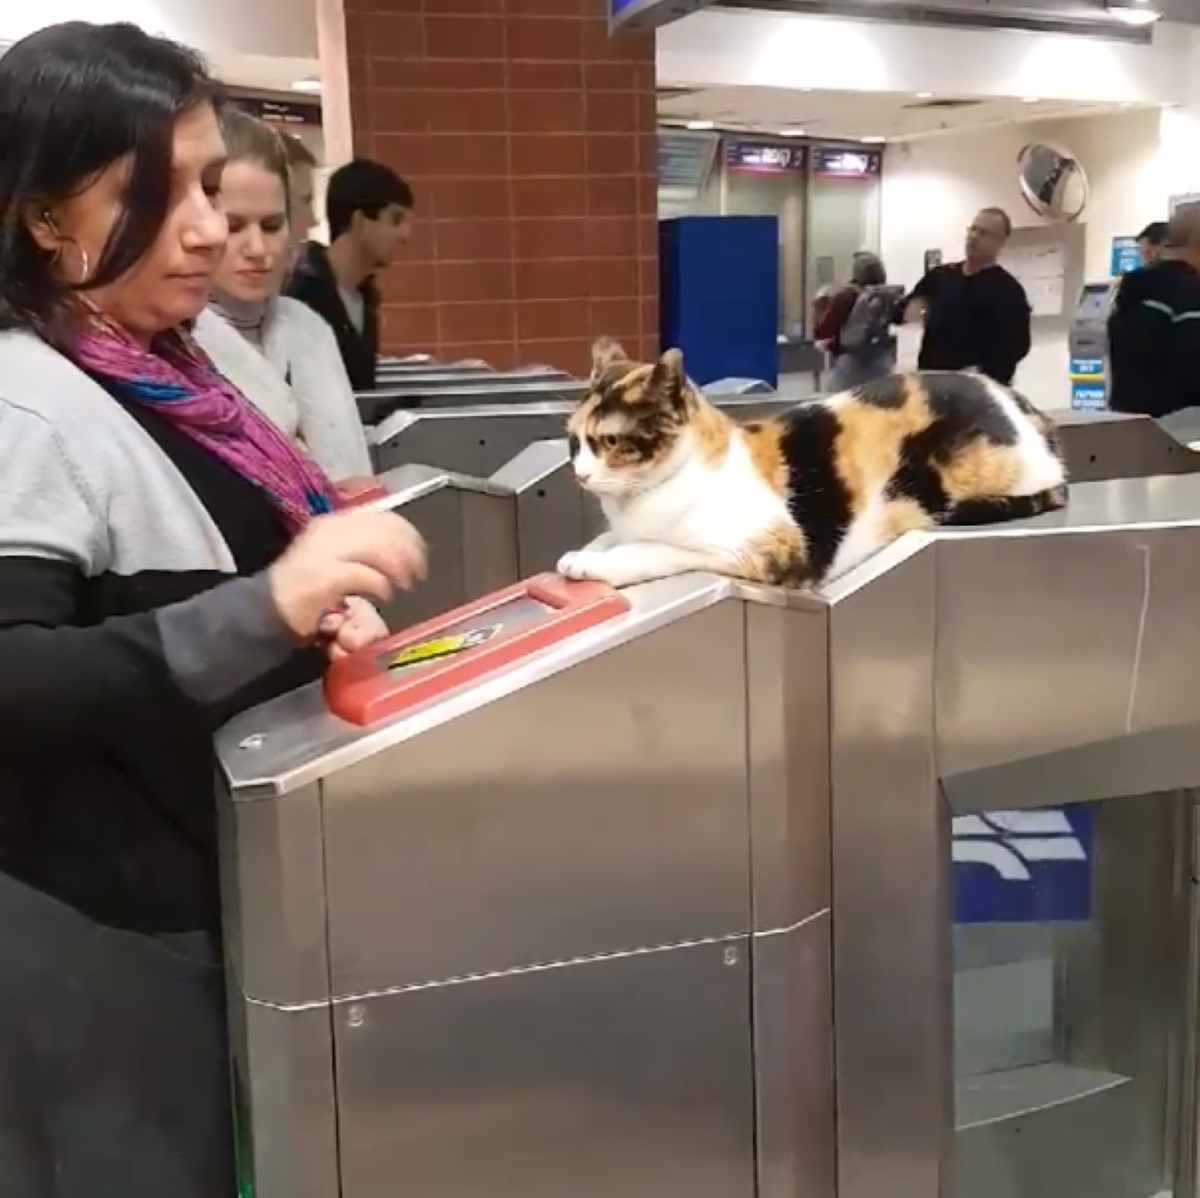 gatta-che-guarda-donna-alla-stazione